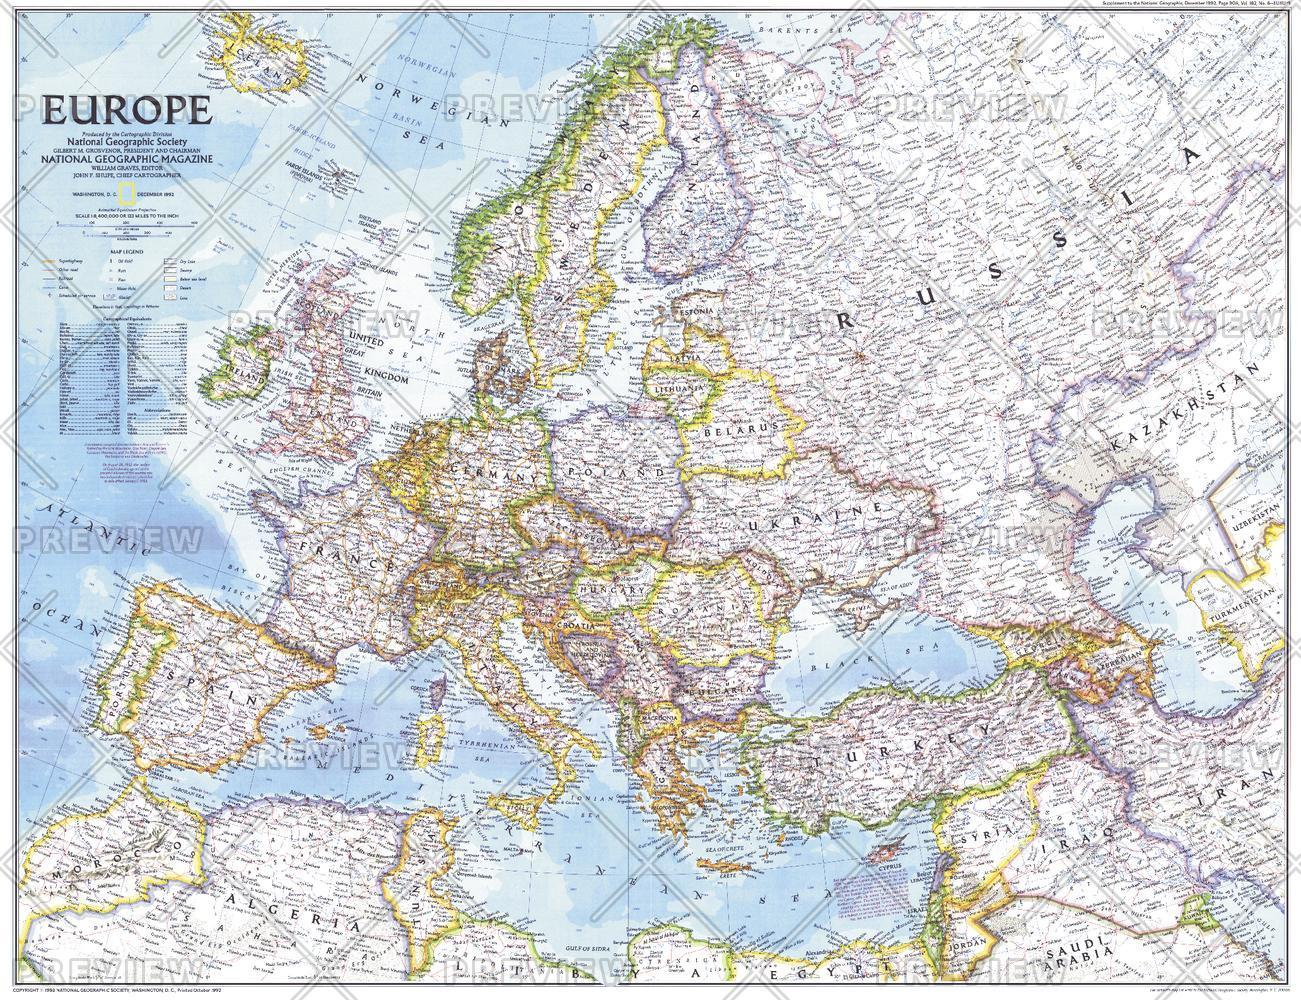 Europe - Published 1992